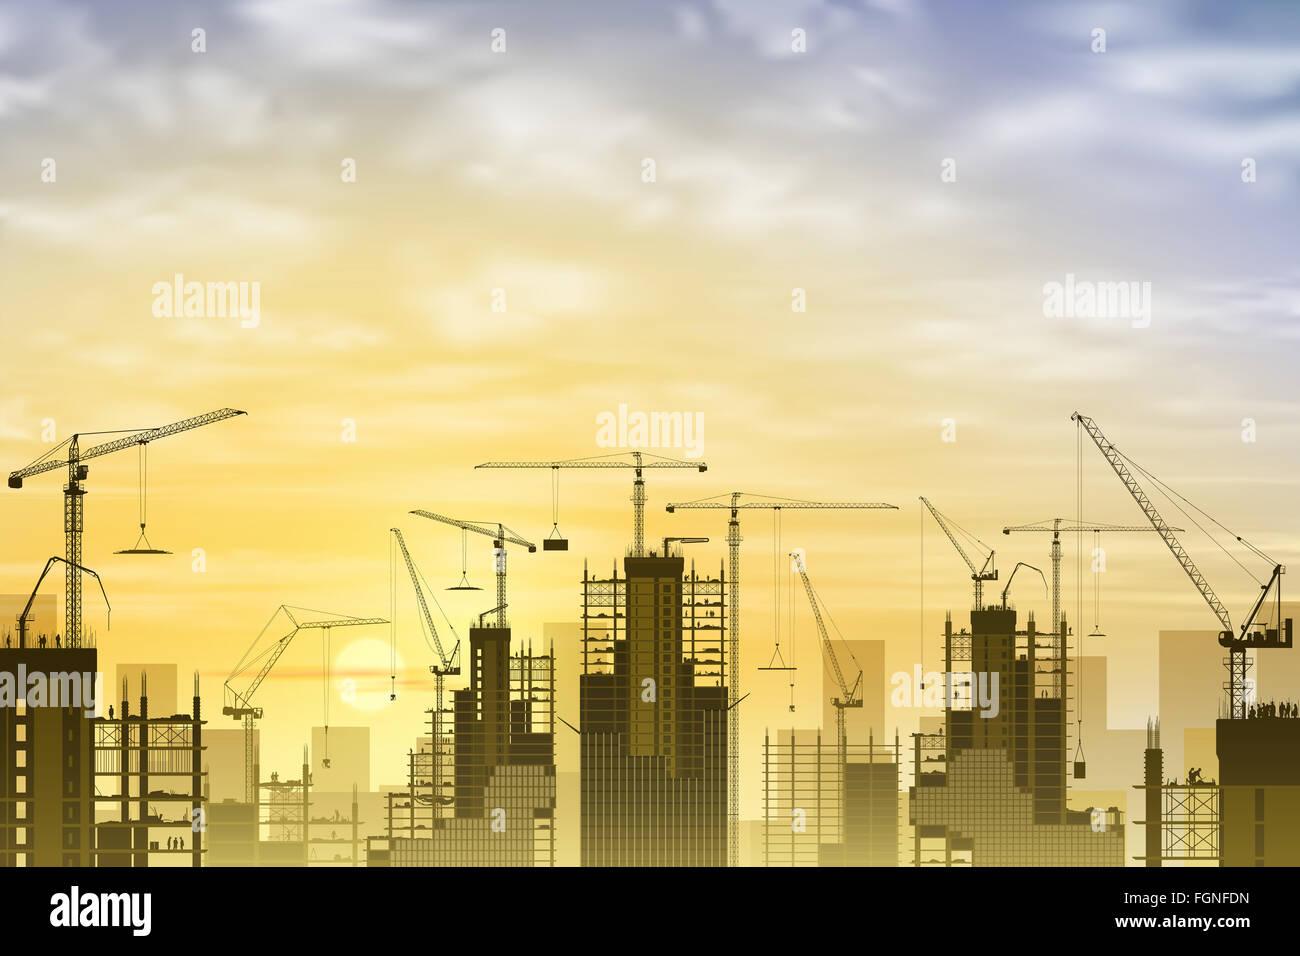 Costruzione di un sito con un sacco di gru a torre con il tramonto del sole, Sunrise. Immagini Stock